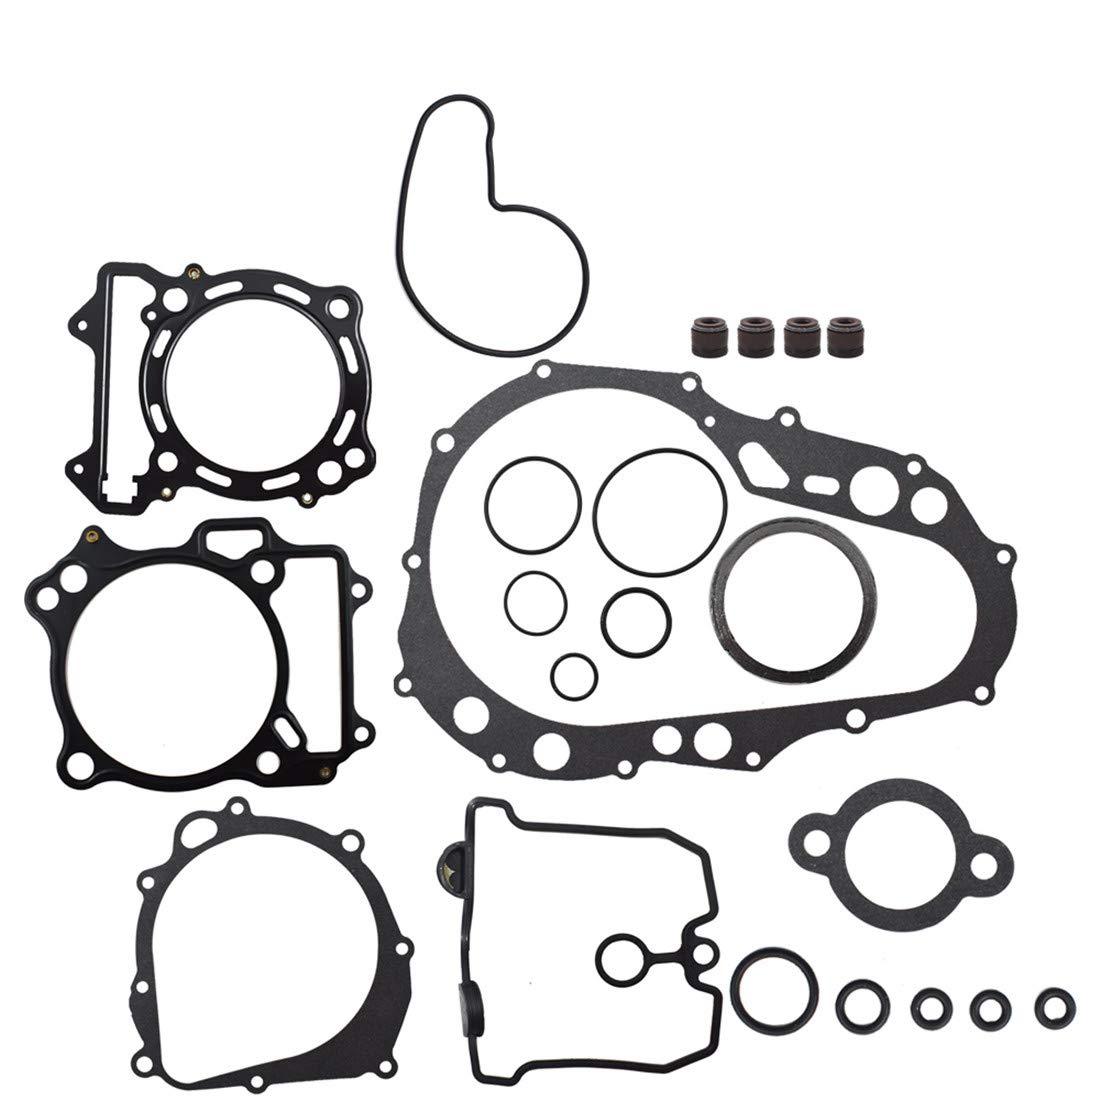 WFLNHB Complete Gasket Kit Set Top /& Bottom End for 2003-2008 Suzuki Quadsport Z400 LTZ400